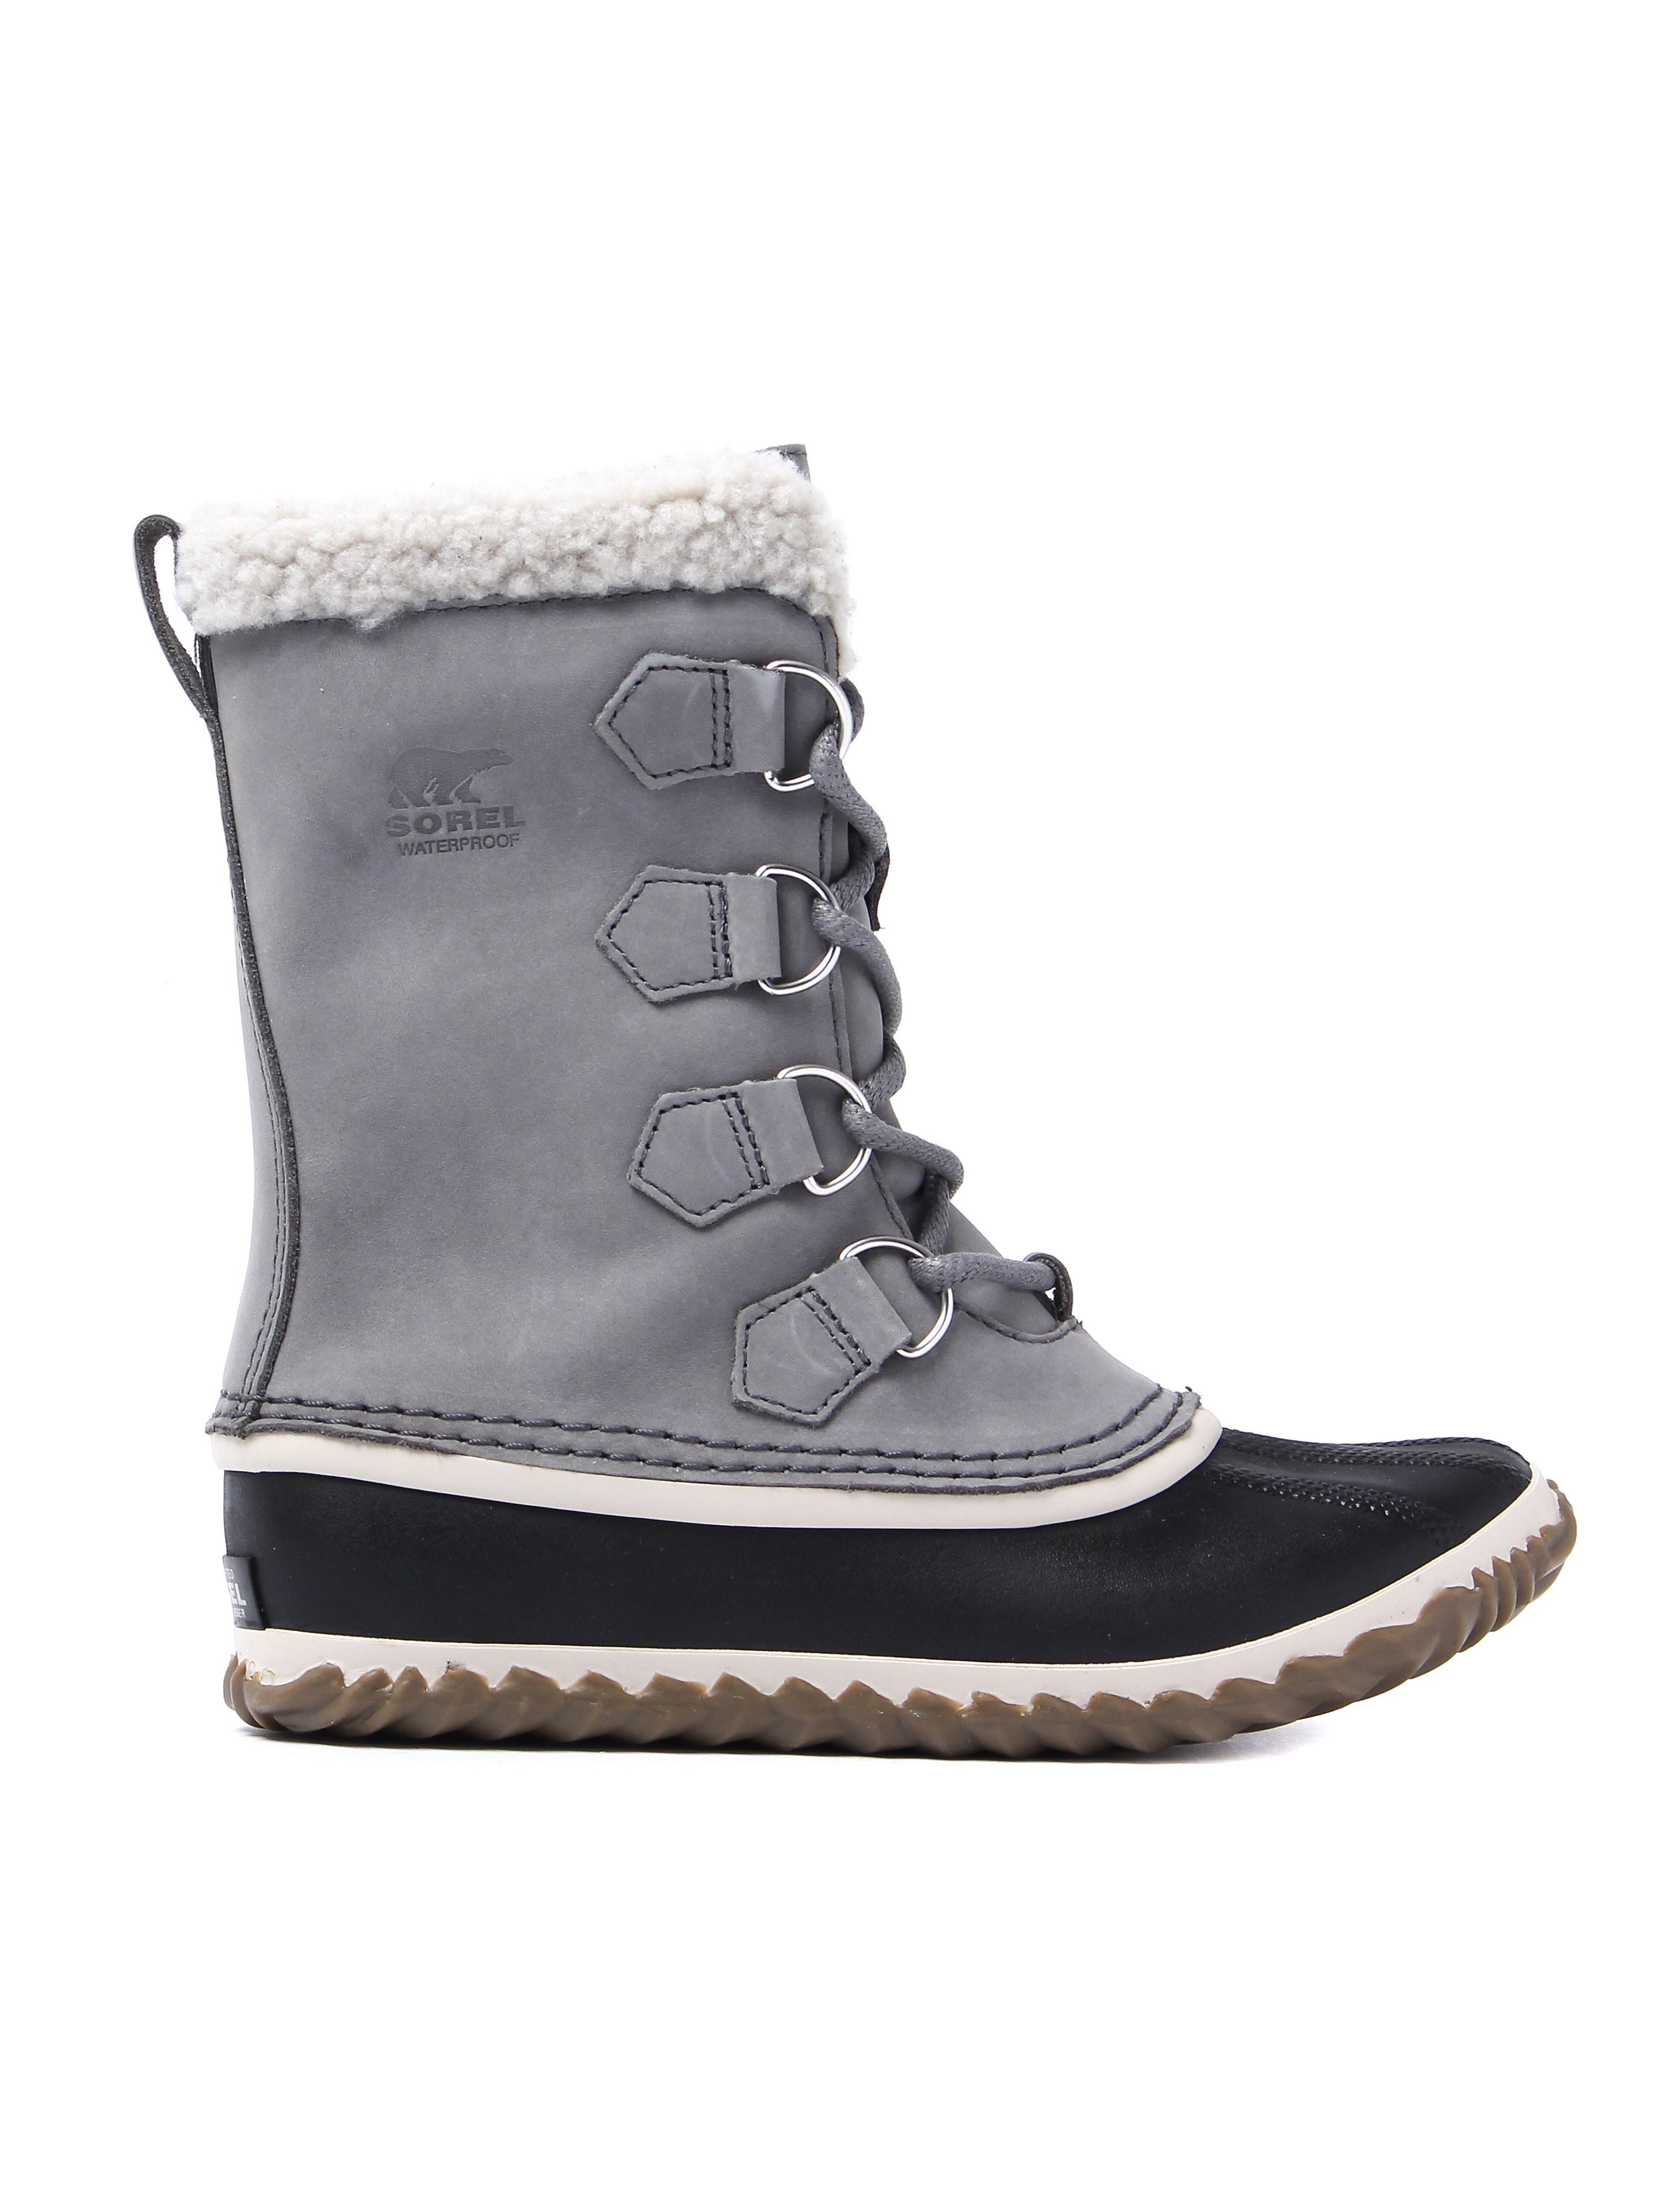 Sorel Women's Caribou Slim Boots - Quarry